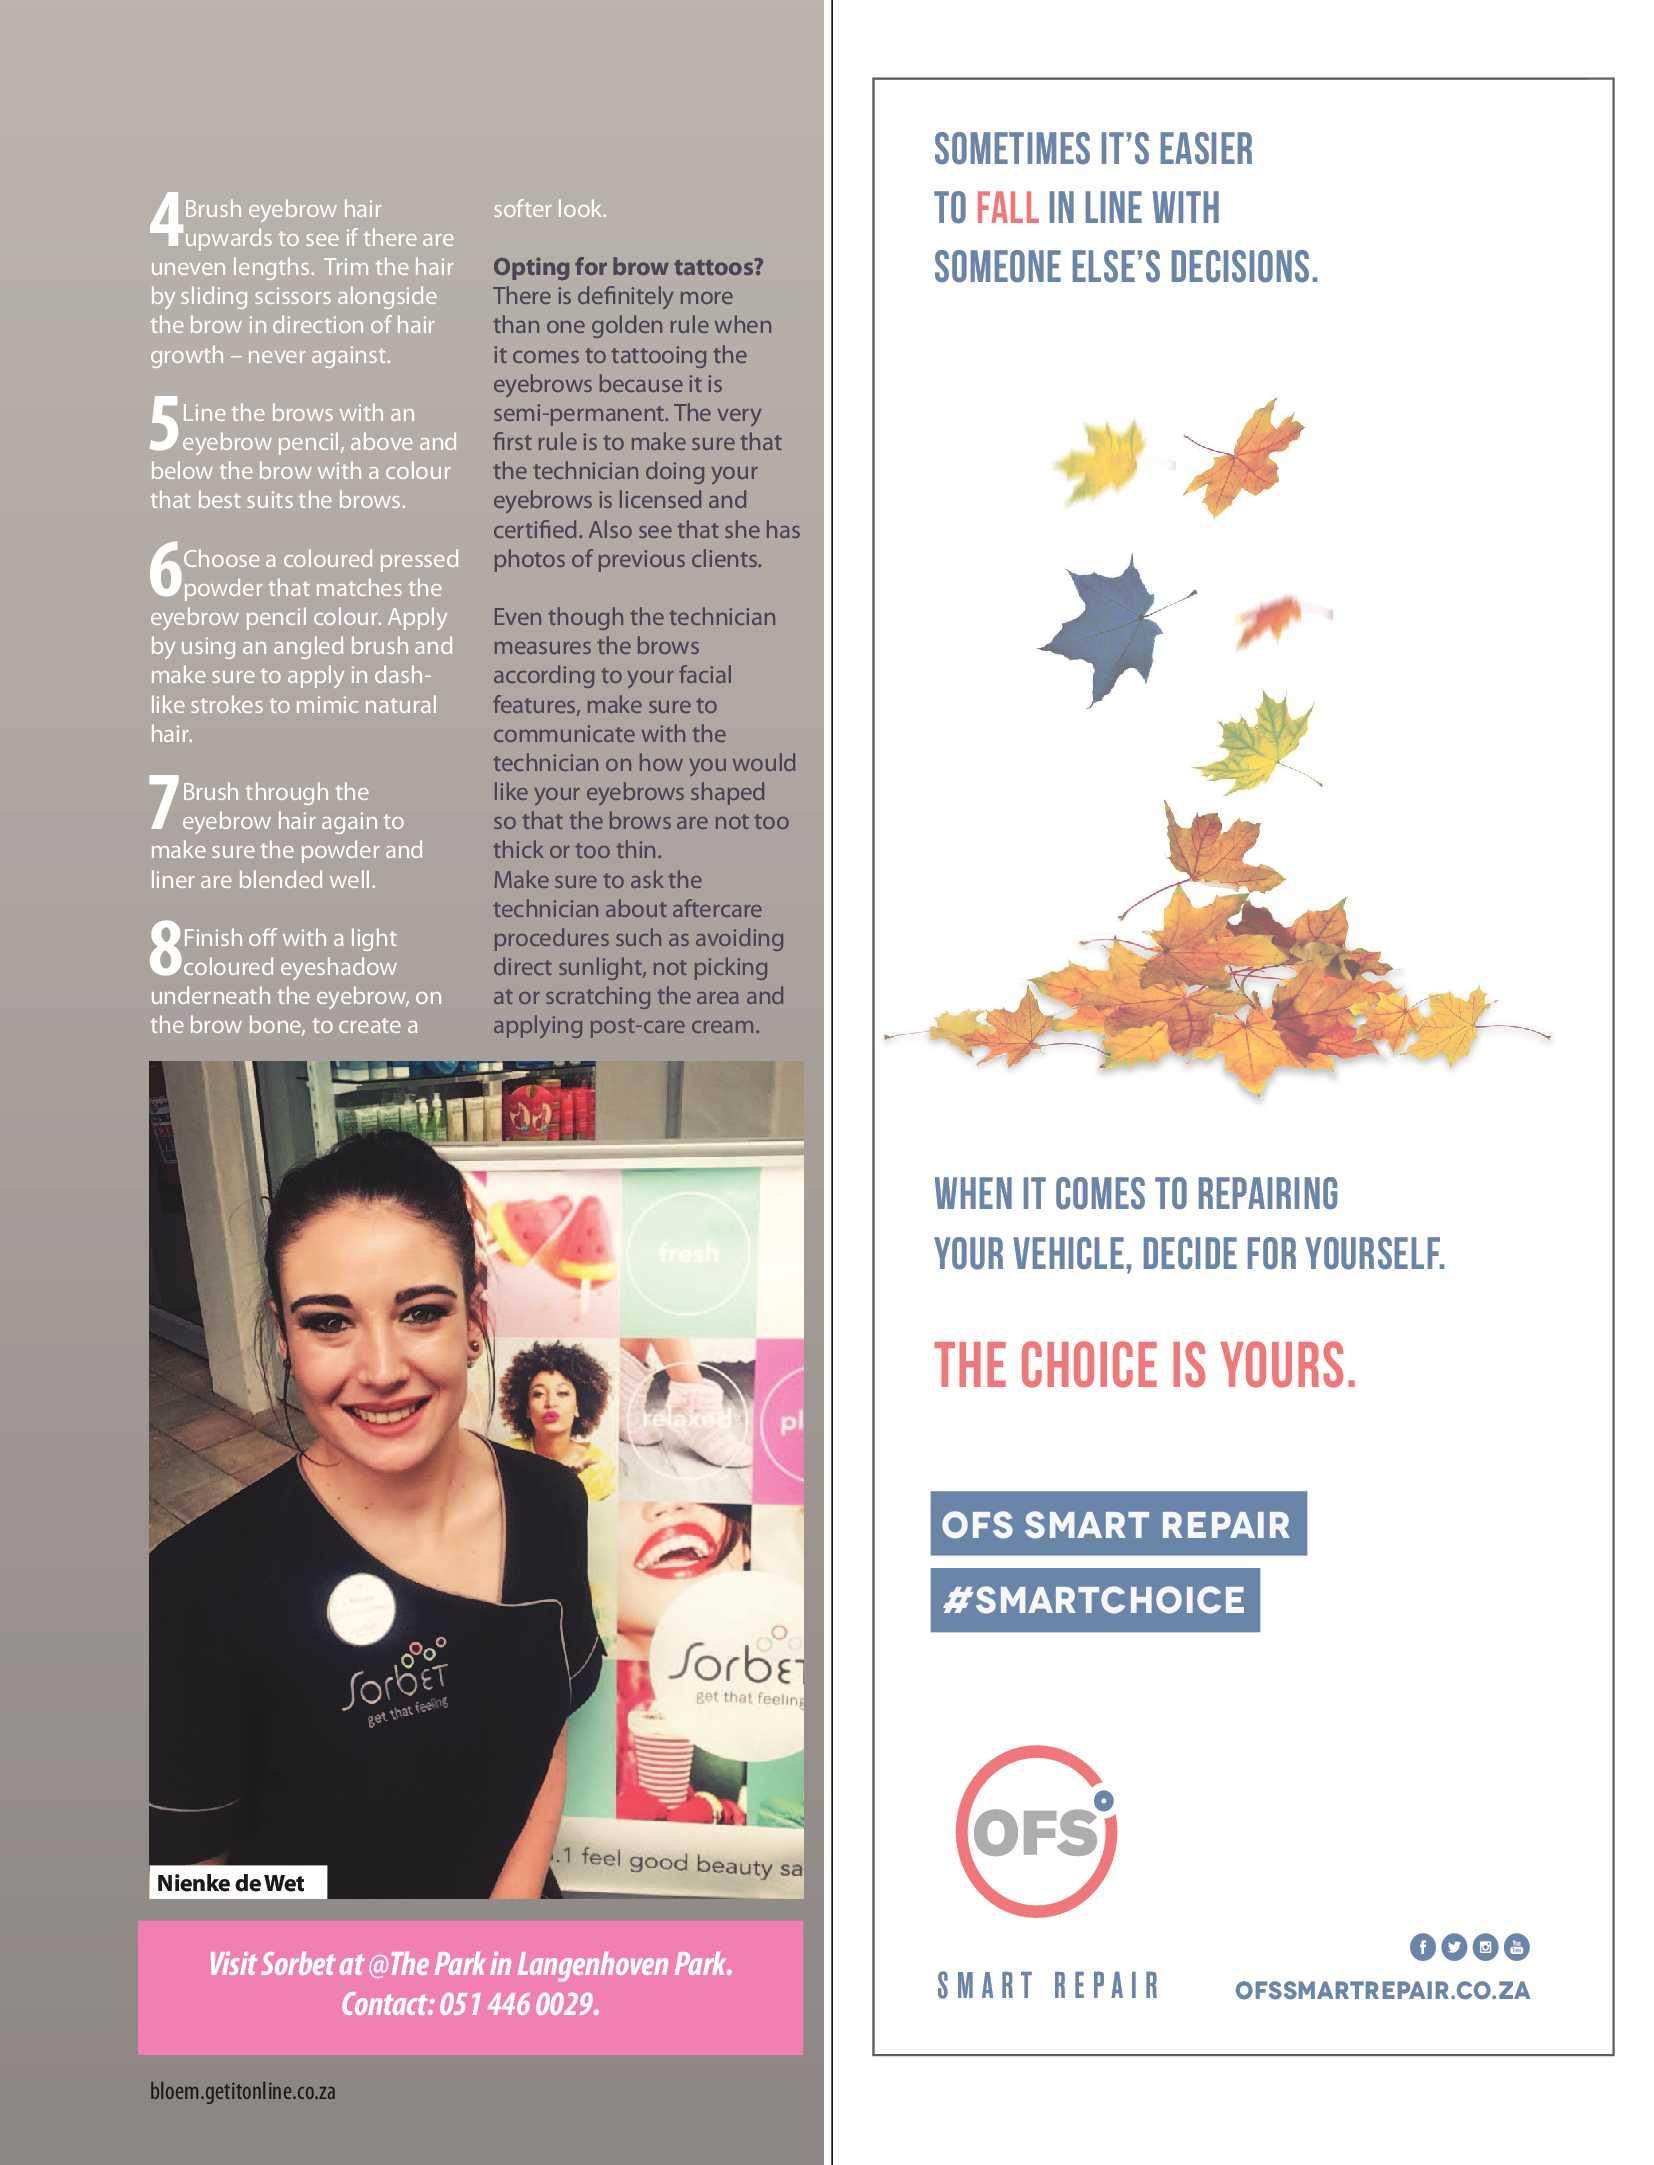 get-bloemfontein-may-2017-epapers-page-23